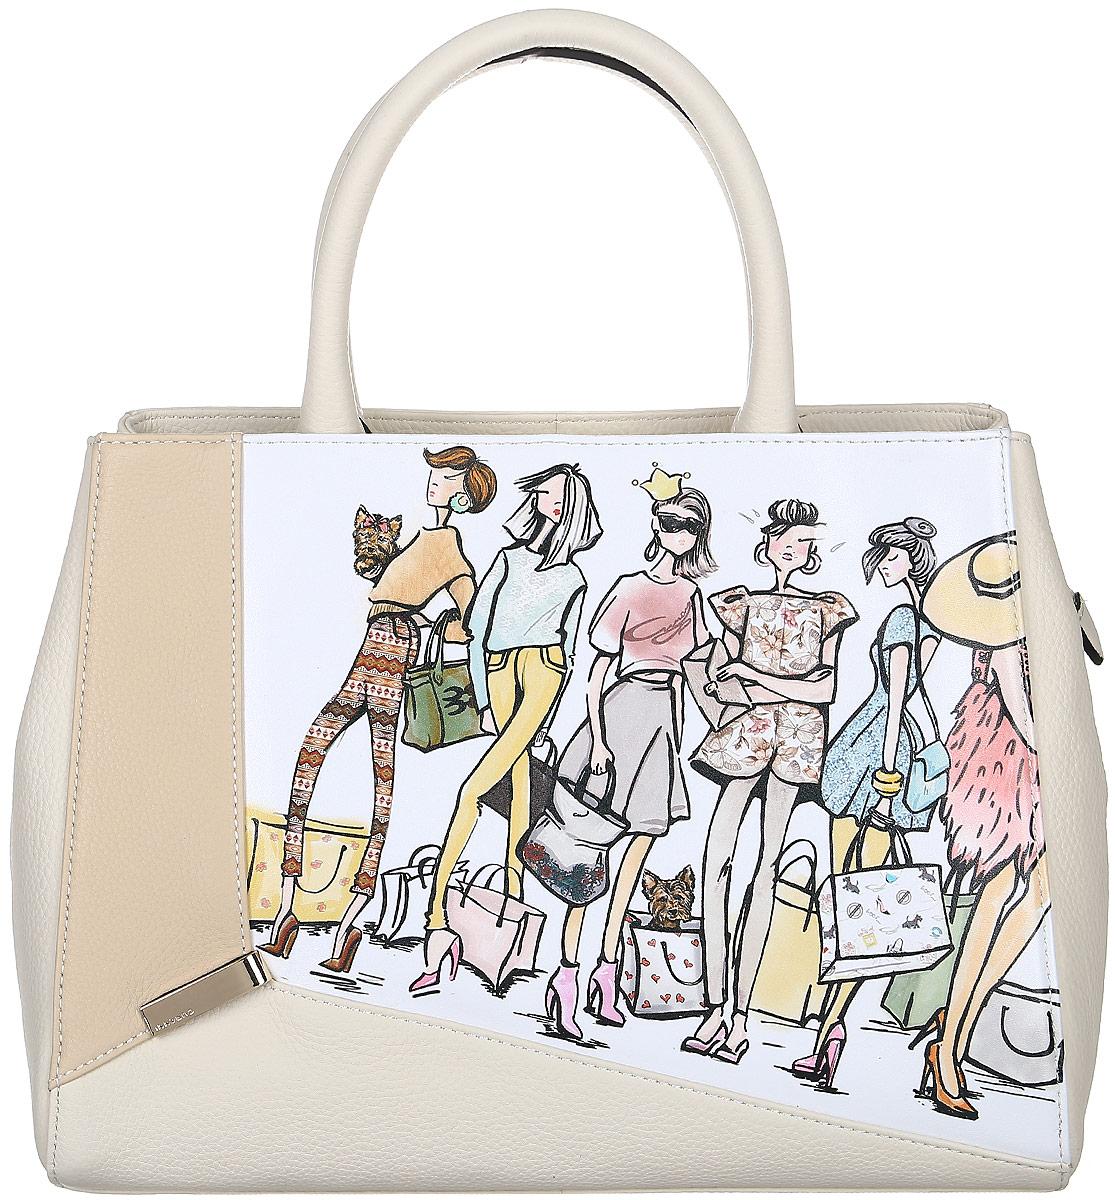 Сумка жен Curanni Пупа, цвет: бежевый. 20442044Элегантная сумка итальянского бренда Curanni от известной дизайнерской студии Sepani lab, сделана из натуральной кожи. Такая модель превосходно дополнит любой образ. Благодаря хорошей вместительности будет очень удобна для повседневного использования, что по достоинству оценит любая девушка. Внутри: один карман на потайной молнии, подойдет для документов или мелочей, другие два кармана без молнии также подойдут для мелочей или мобильного телефона. Внутри сумки два отдела разделенные карманом на молнии. Снаружи: кармана на тыльной стороне сумочки на молнии.